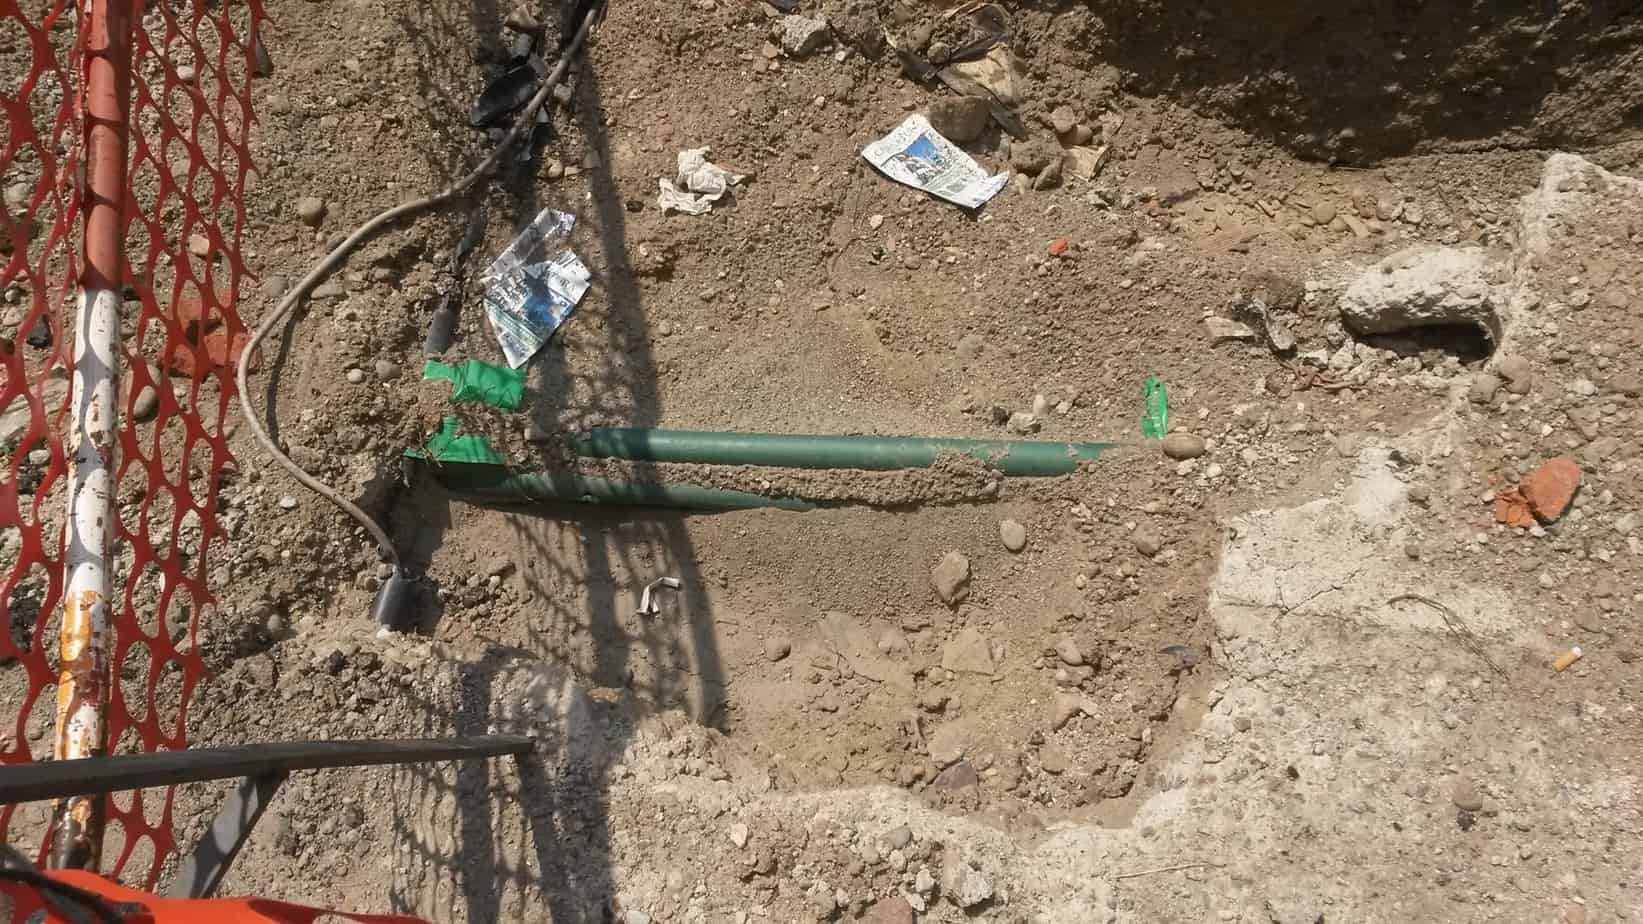 Gli scavi hanno portato alla luce due tipologie di infrastrutture disposte perpendicolarmente l'una rispetto all'altra: il cavo bianco e il tubo verde